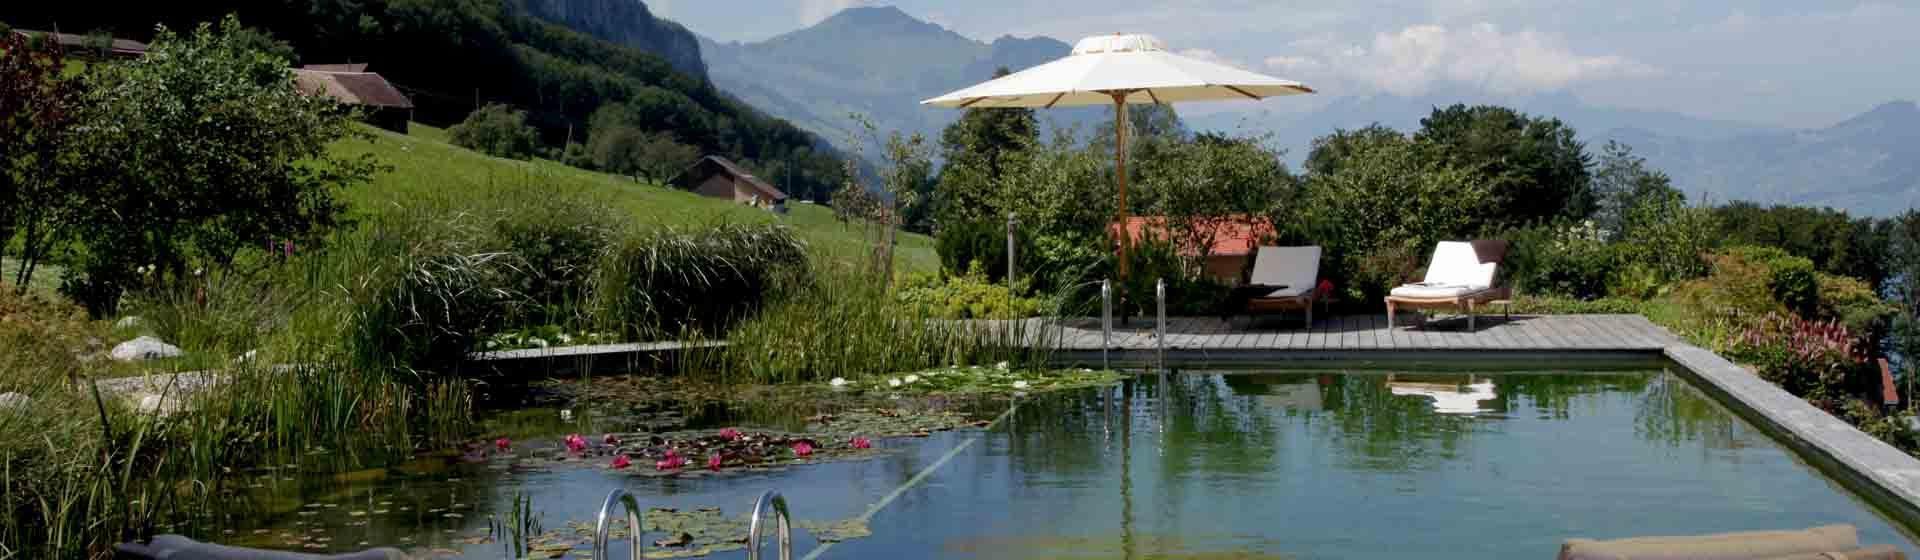 Schwimmteich Modul W28 - JSZE - JardinSuisse Zentralschweiz - Gärtner aus Luzern, Ob- und Nidwalden, Schwyz, Uri und Zug